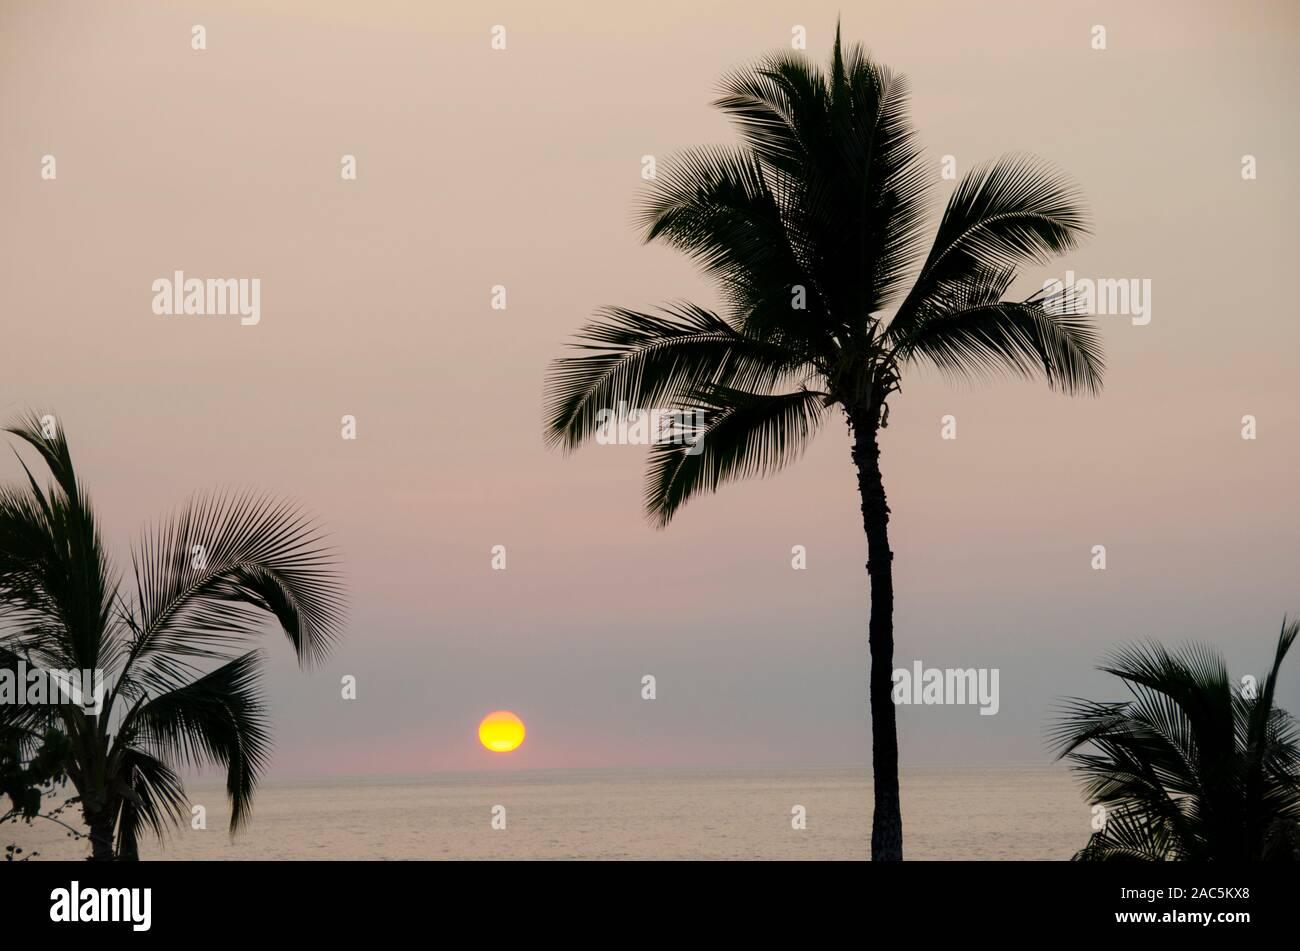 La silhouette des palmiers frame un beau coucher du soleil à Hapuna Beach, île d'Hawai'i. Banque D'Images